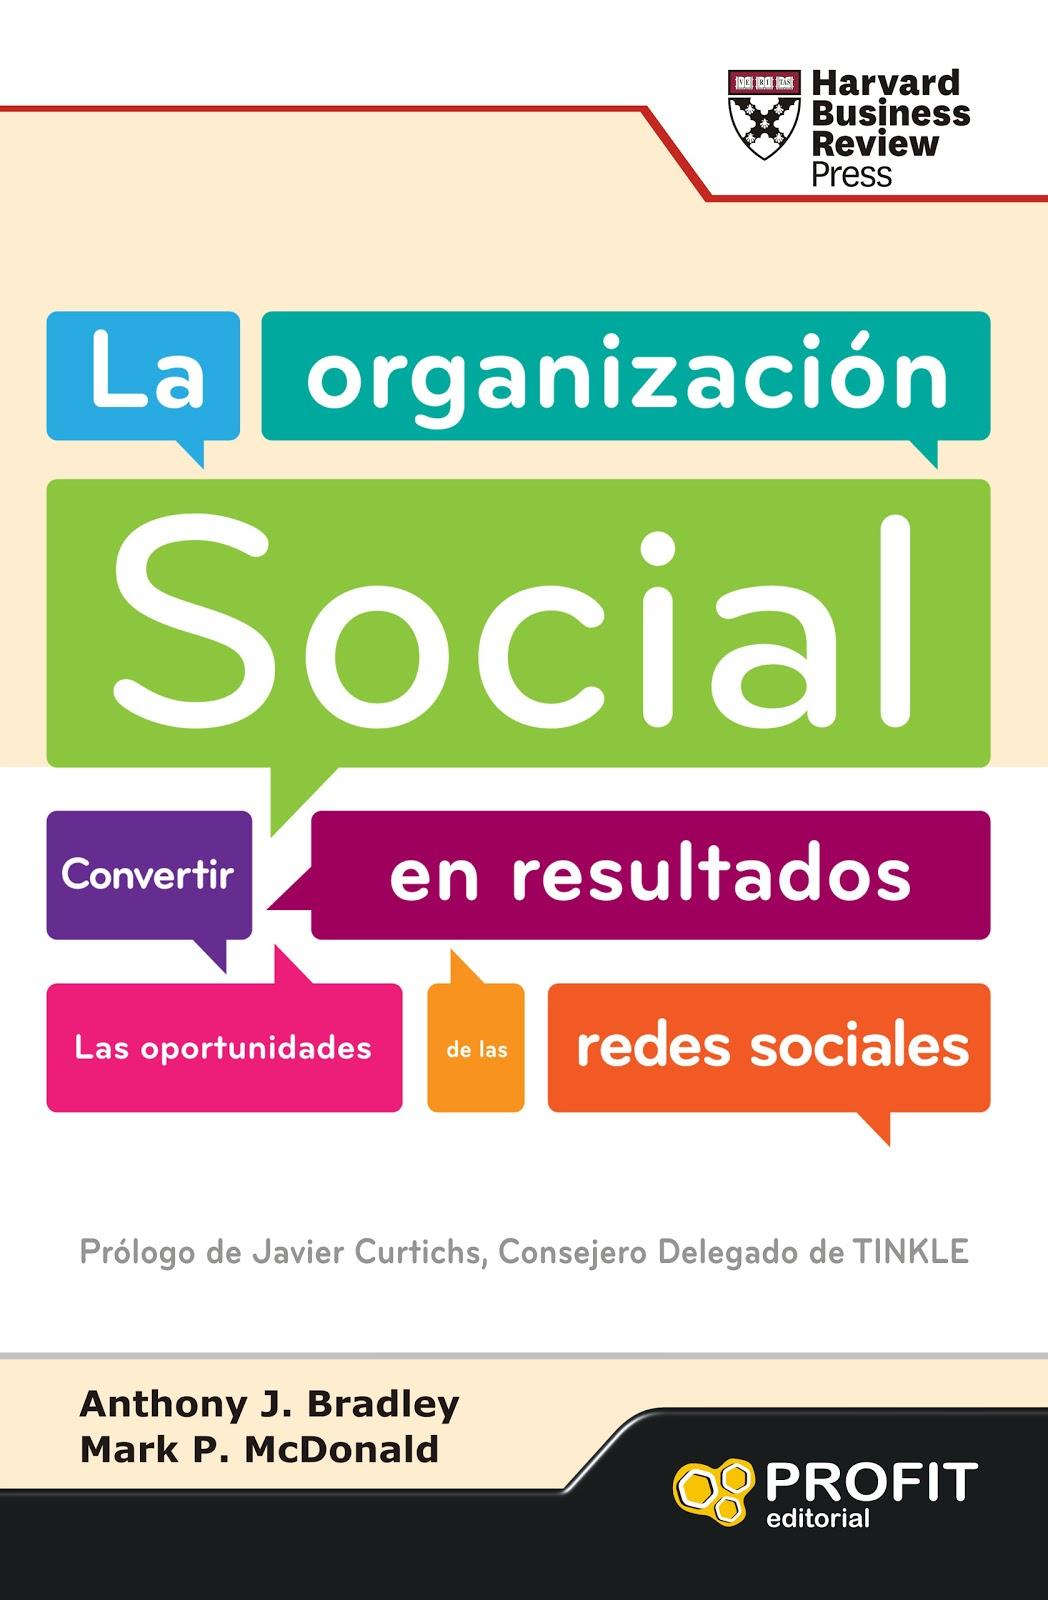 Nuevo Viernes - Nuevo Libro: LA ORGANIZACIÓN SOCIAL